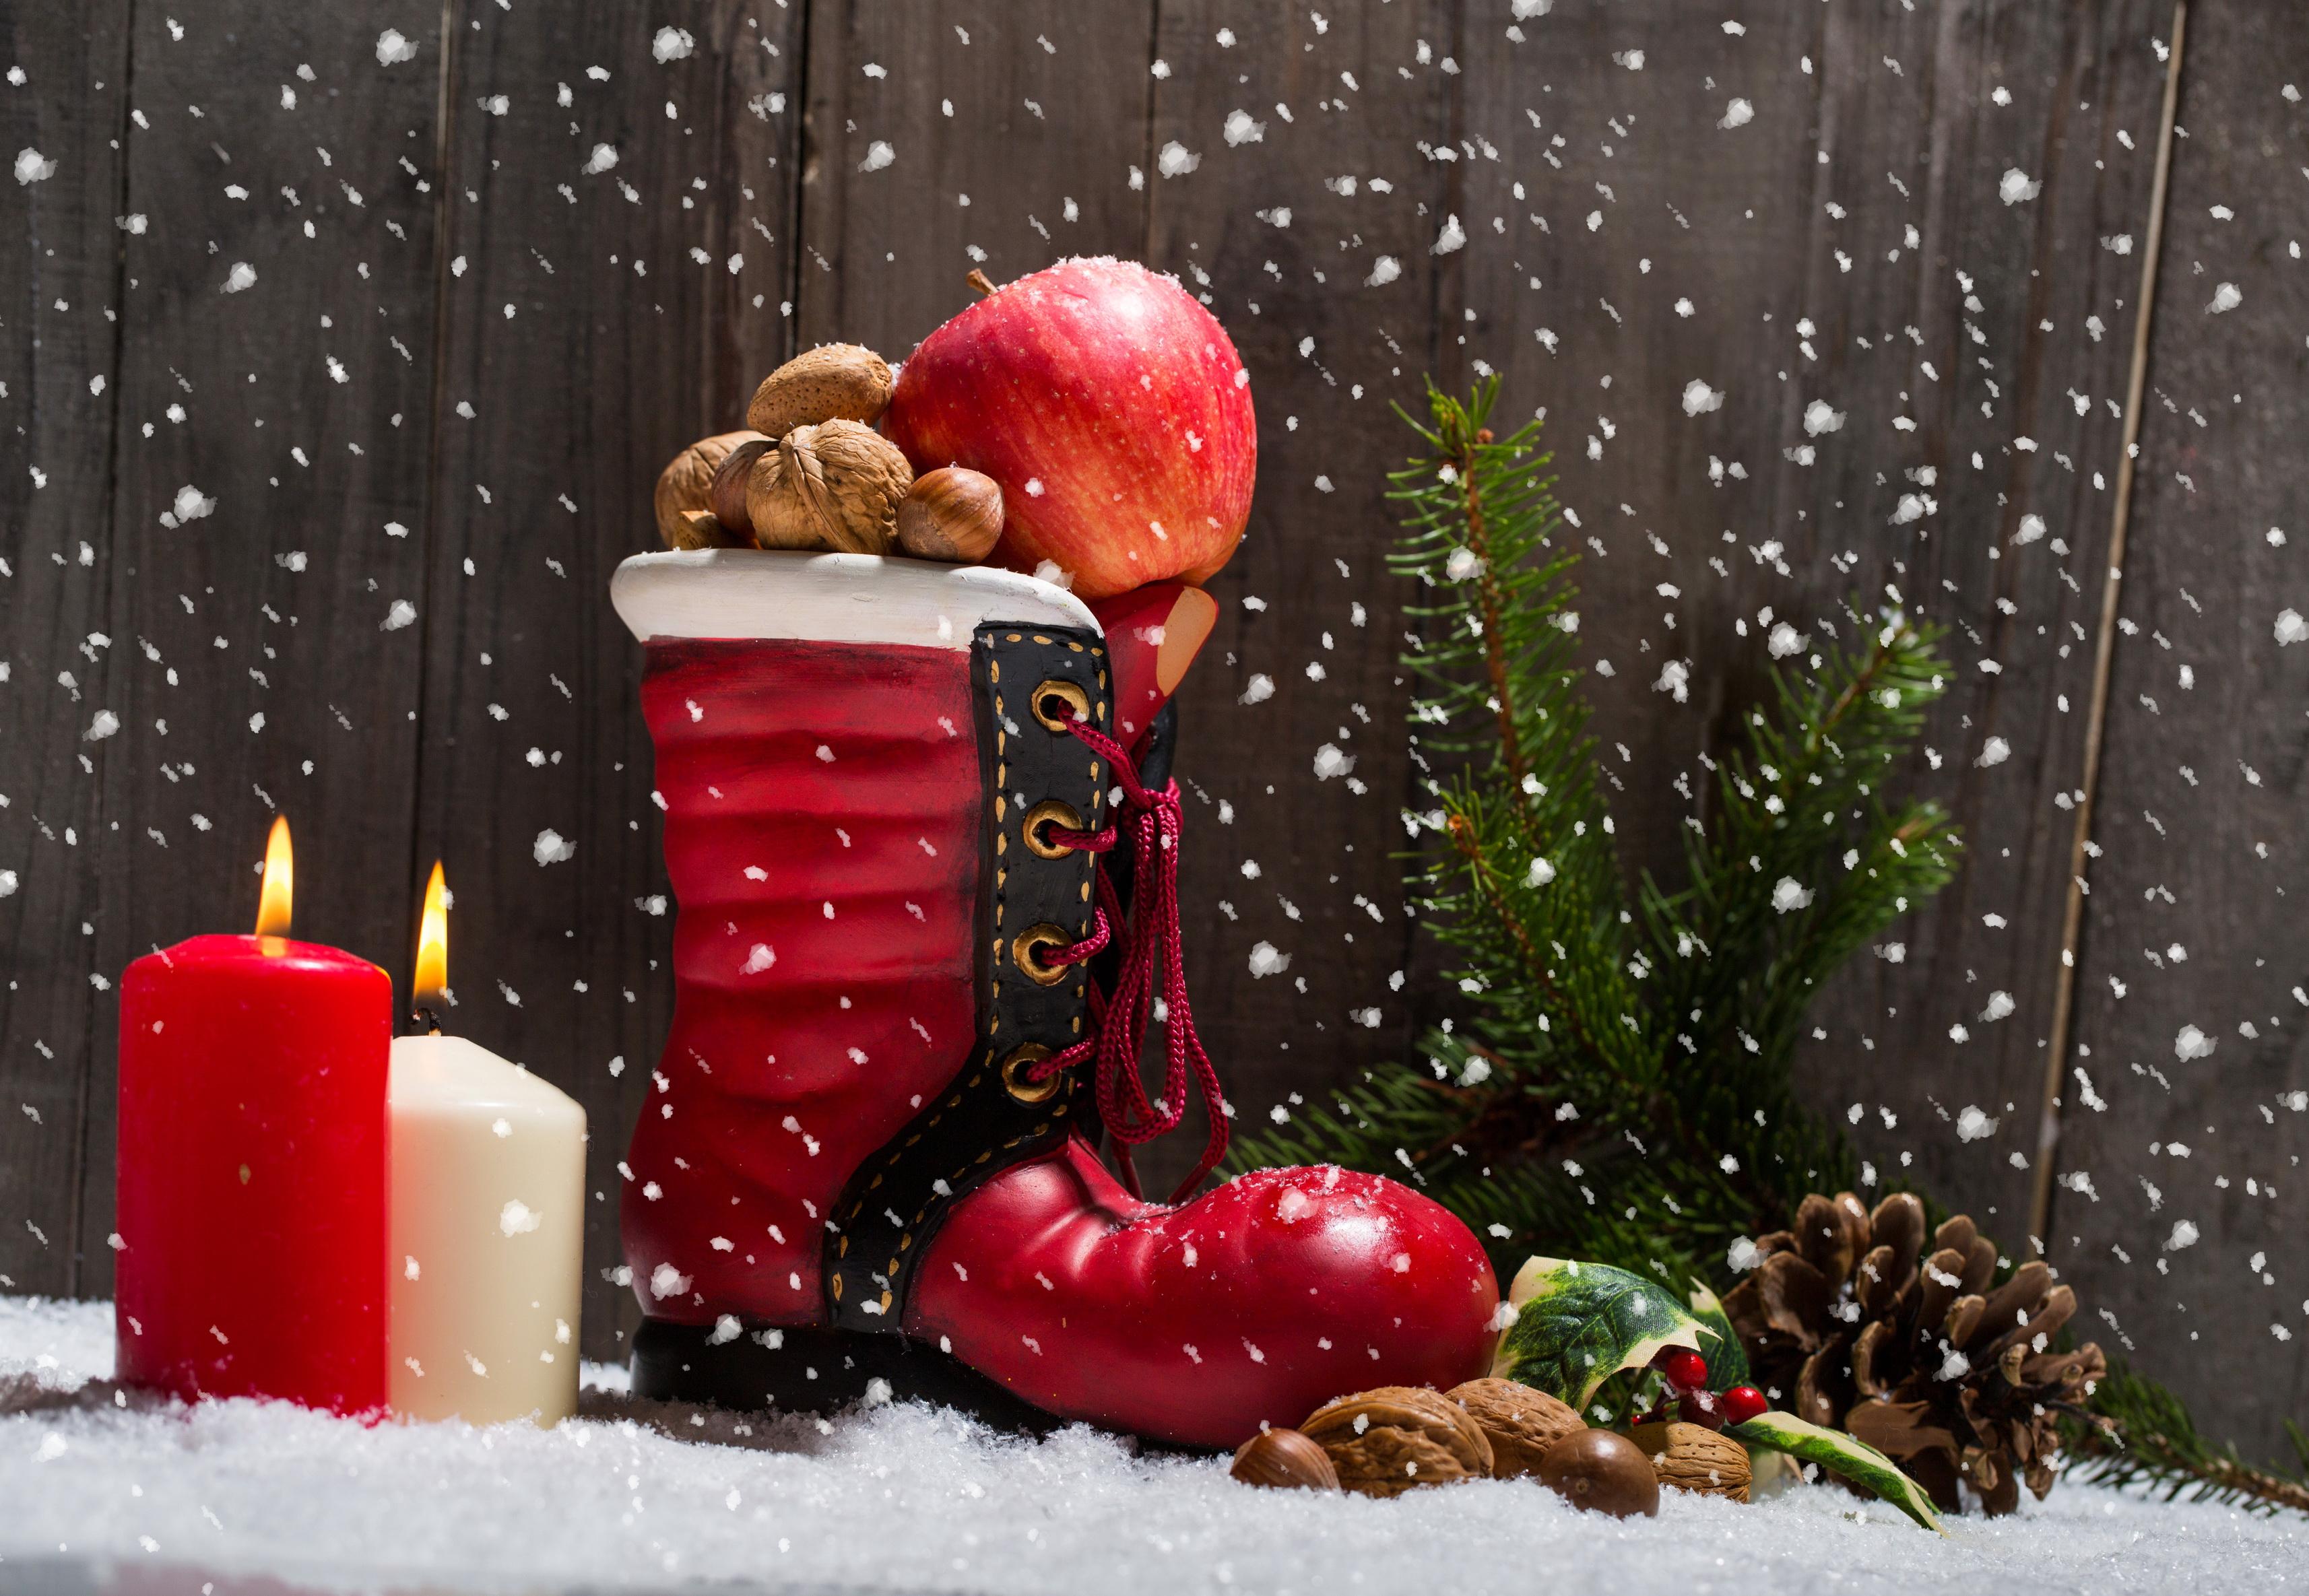 Сапоги новый год окно Boots new year window  № 2639415 загрузить